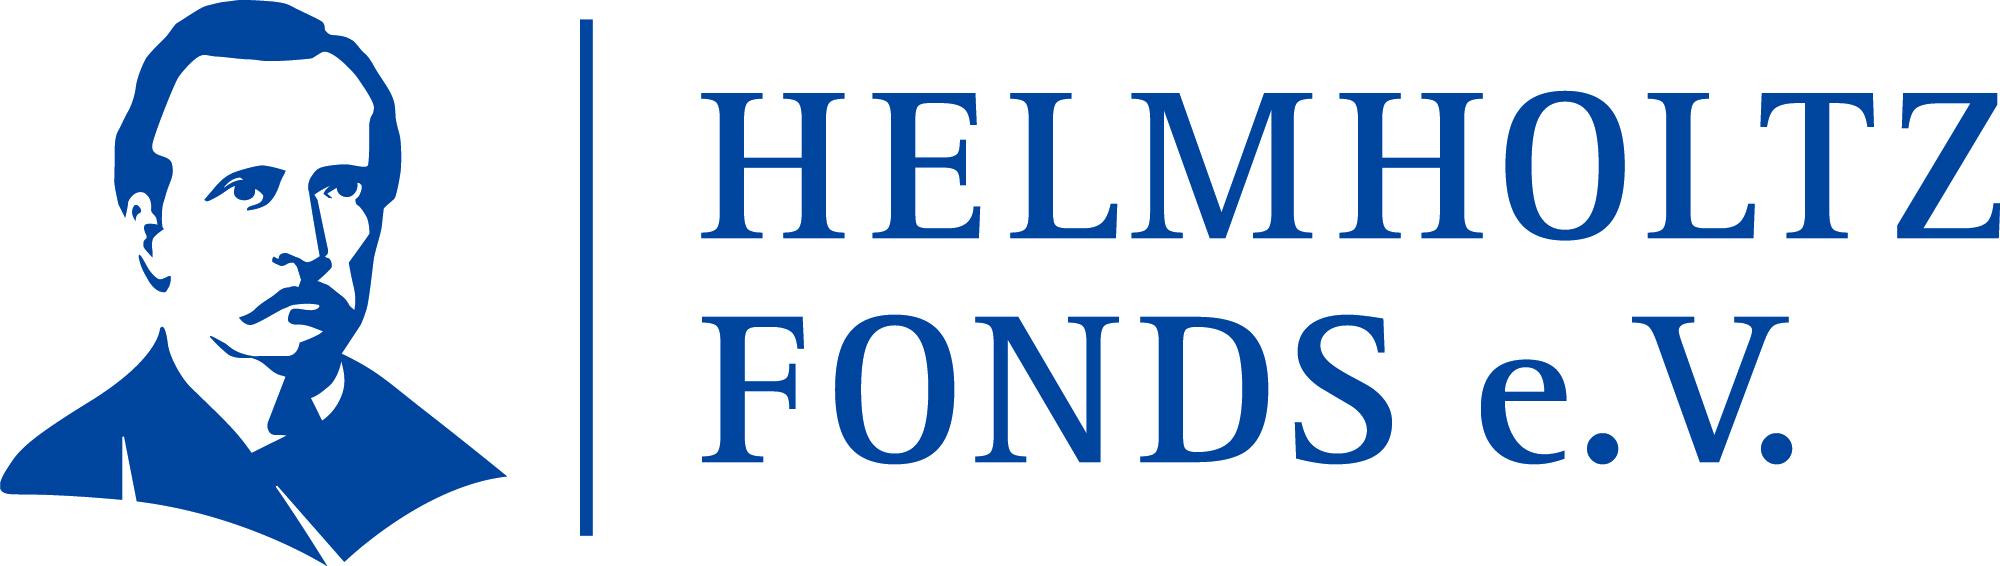 helmholtz-fonds_logo